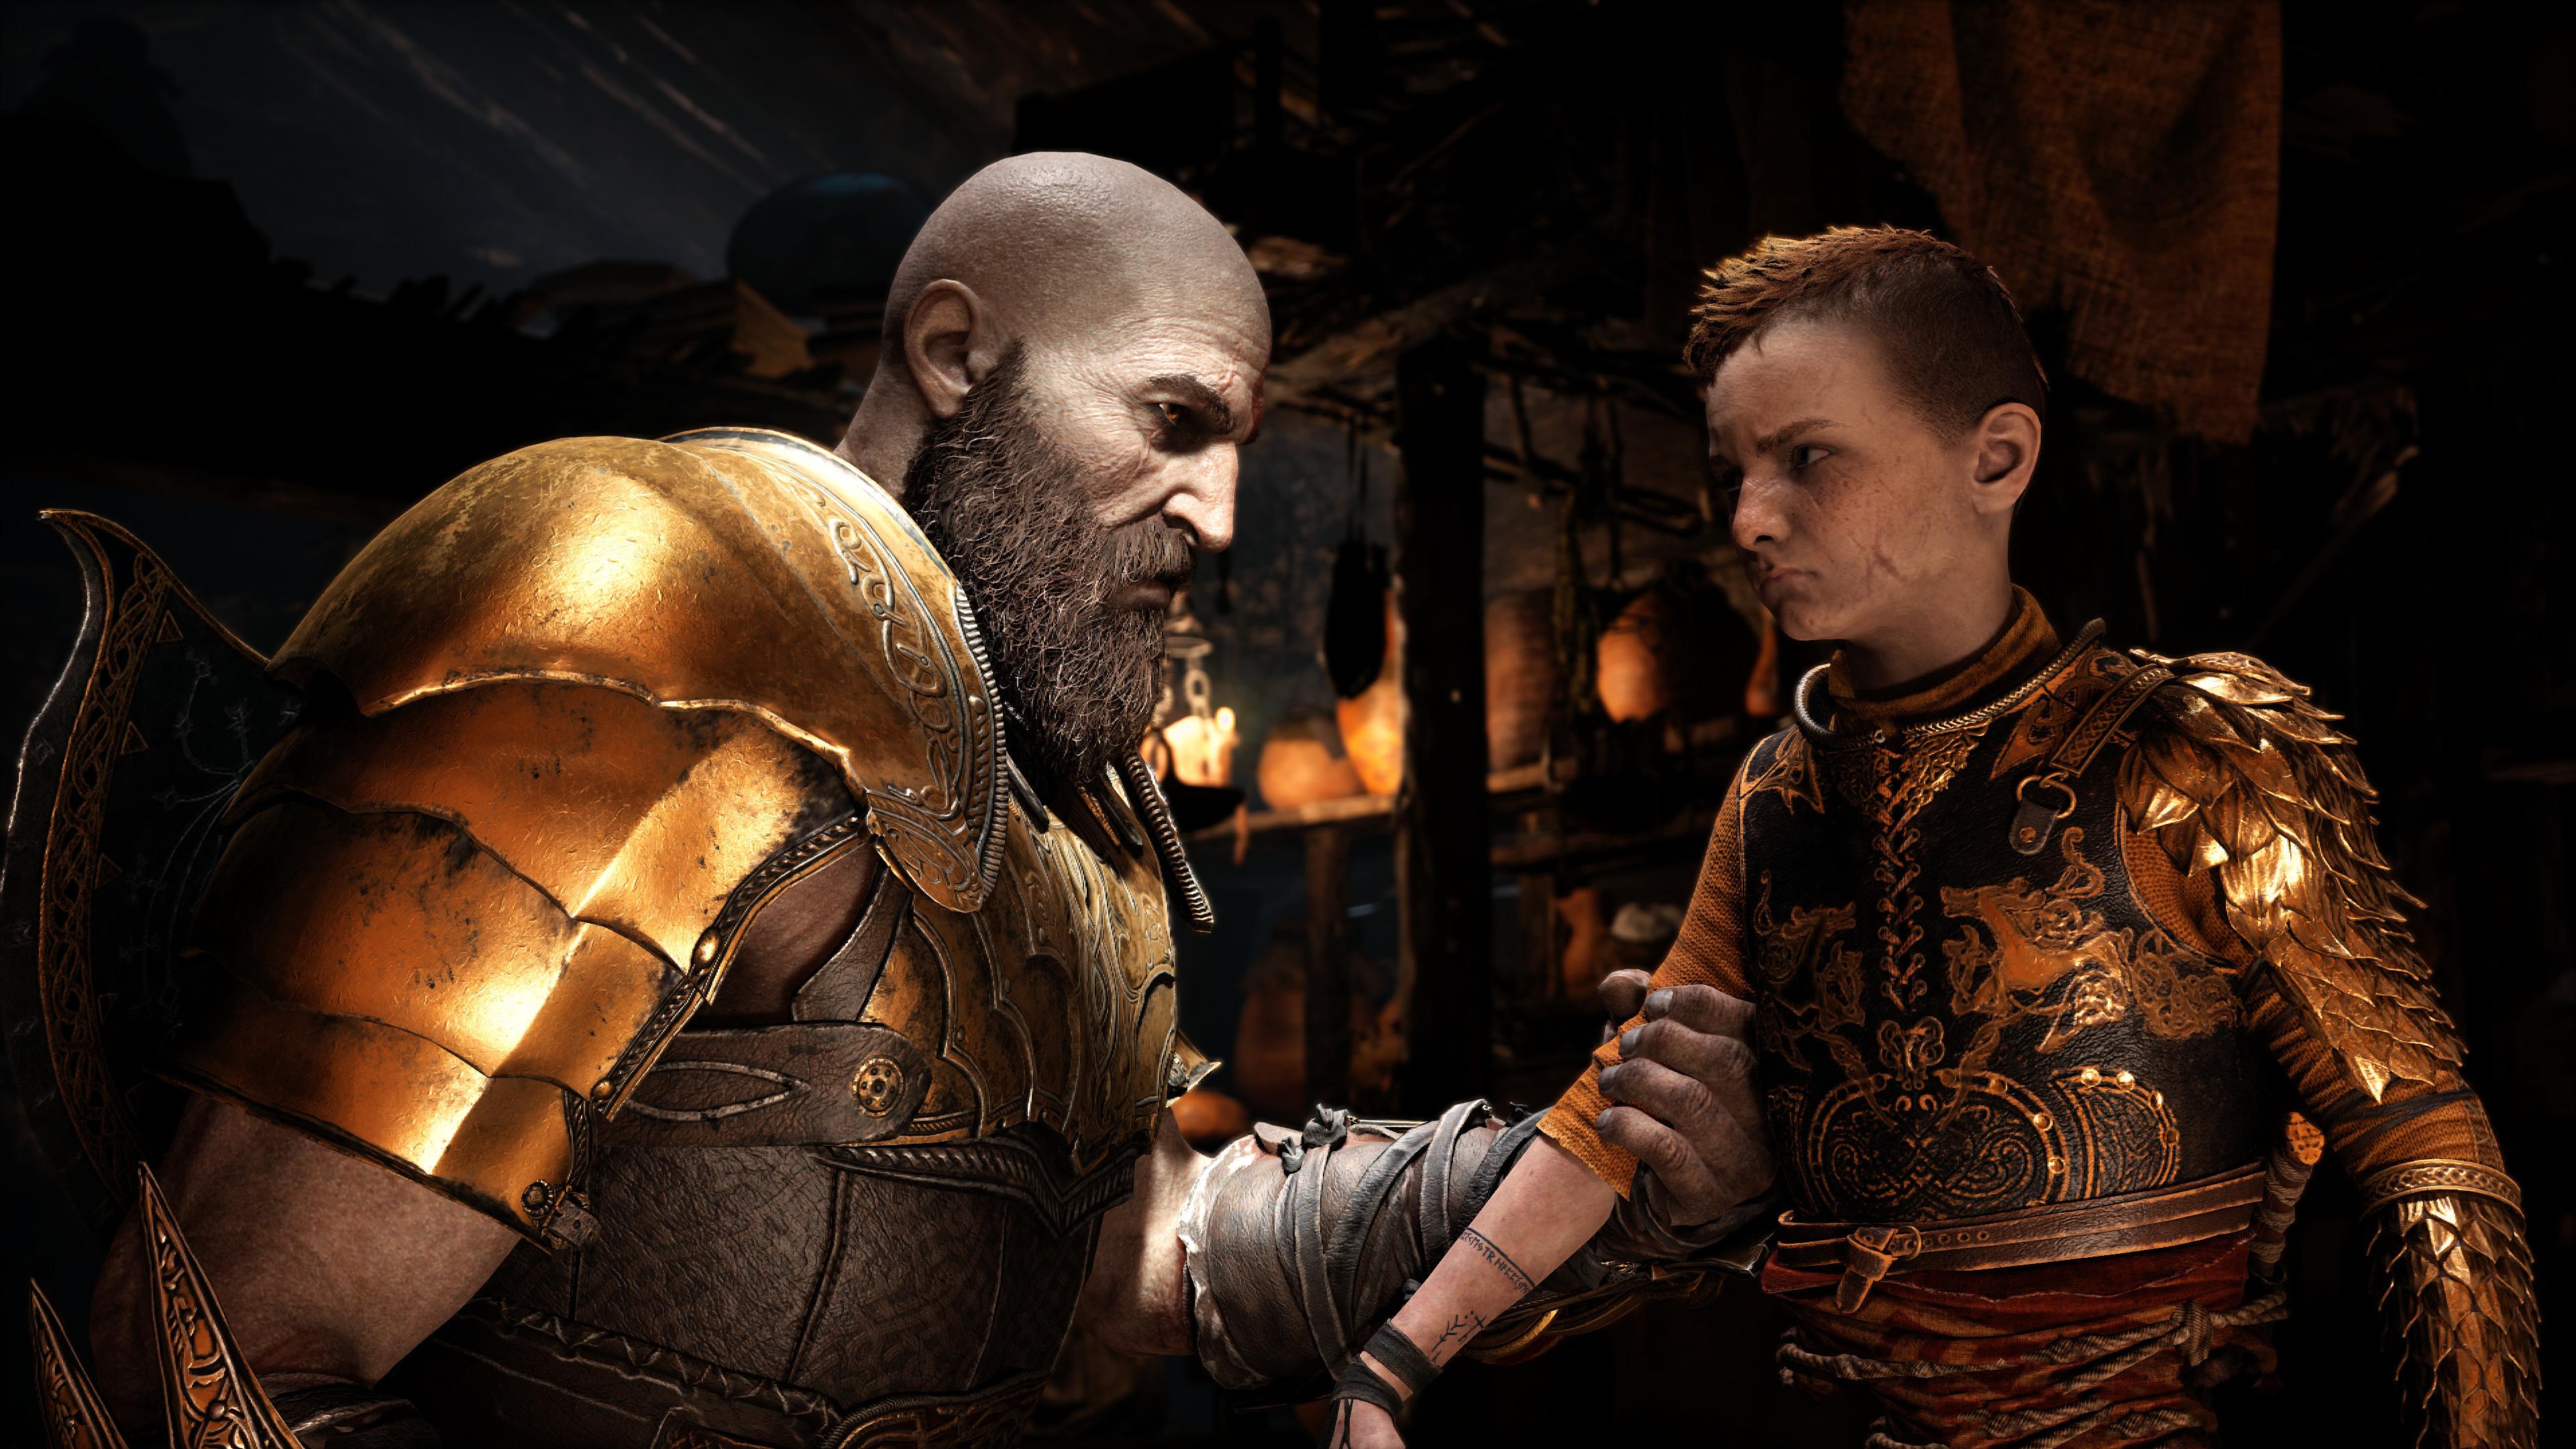 4K God Of War 4 Kratos And Atreus, Hd Games, 4K Wallpapers -6717